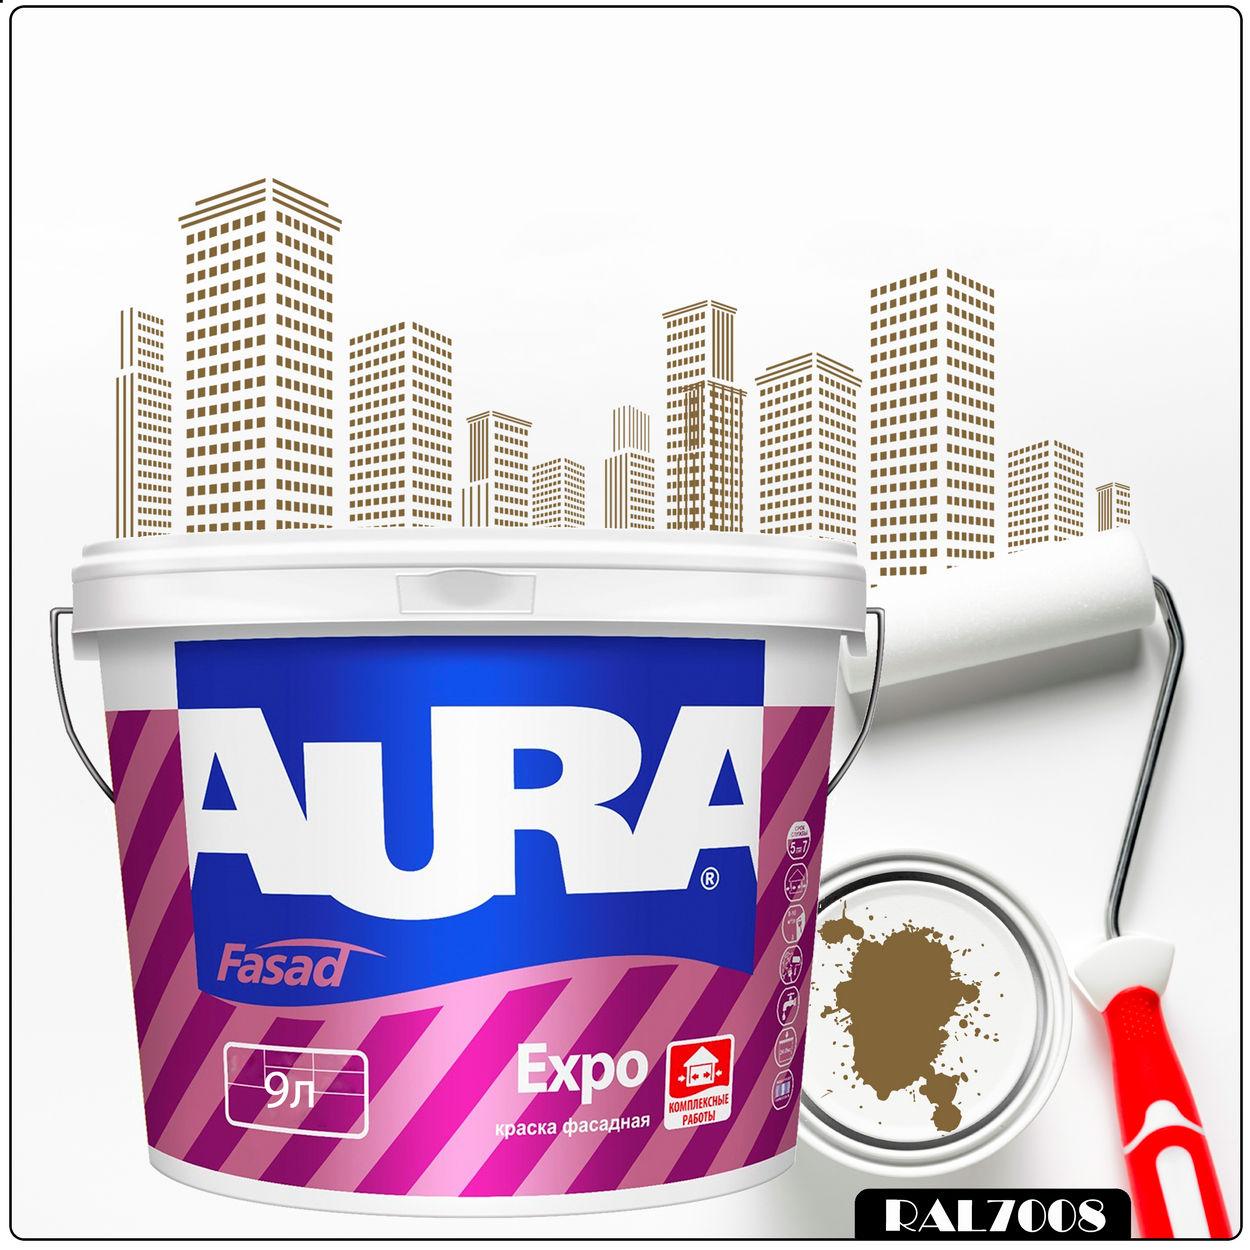 Фото 1 - Краска Aura Fasad Expo, RAL 7008 Серое-хаки, матовая, для фасадов и помещений с повышенной влажностью, 9л.